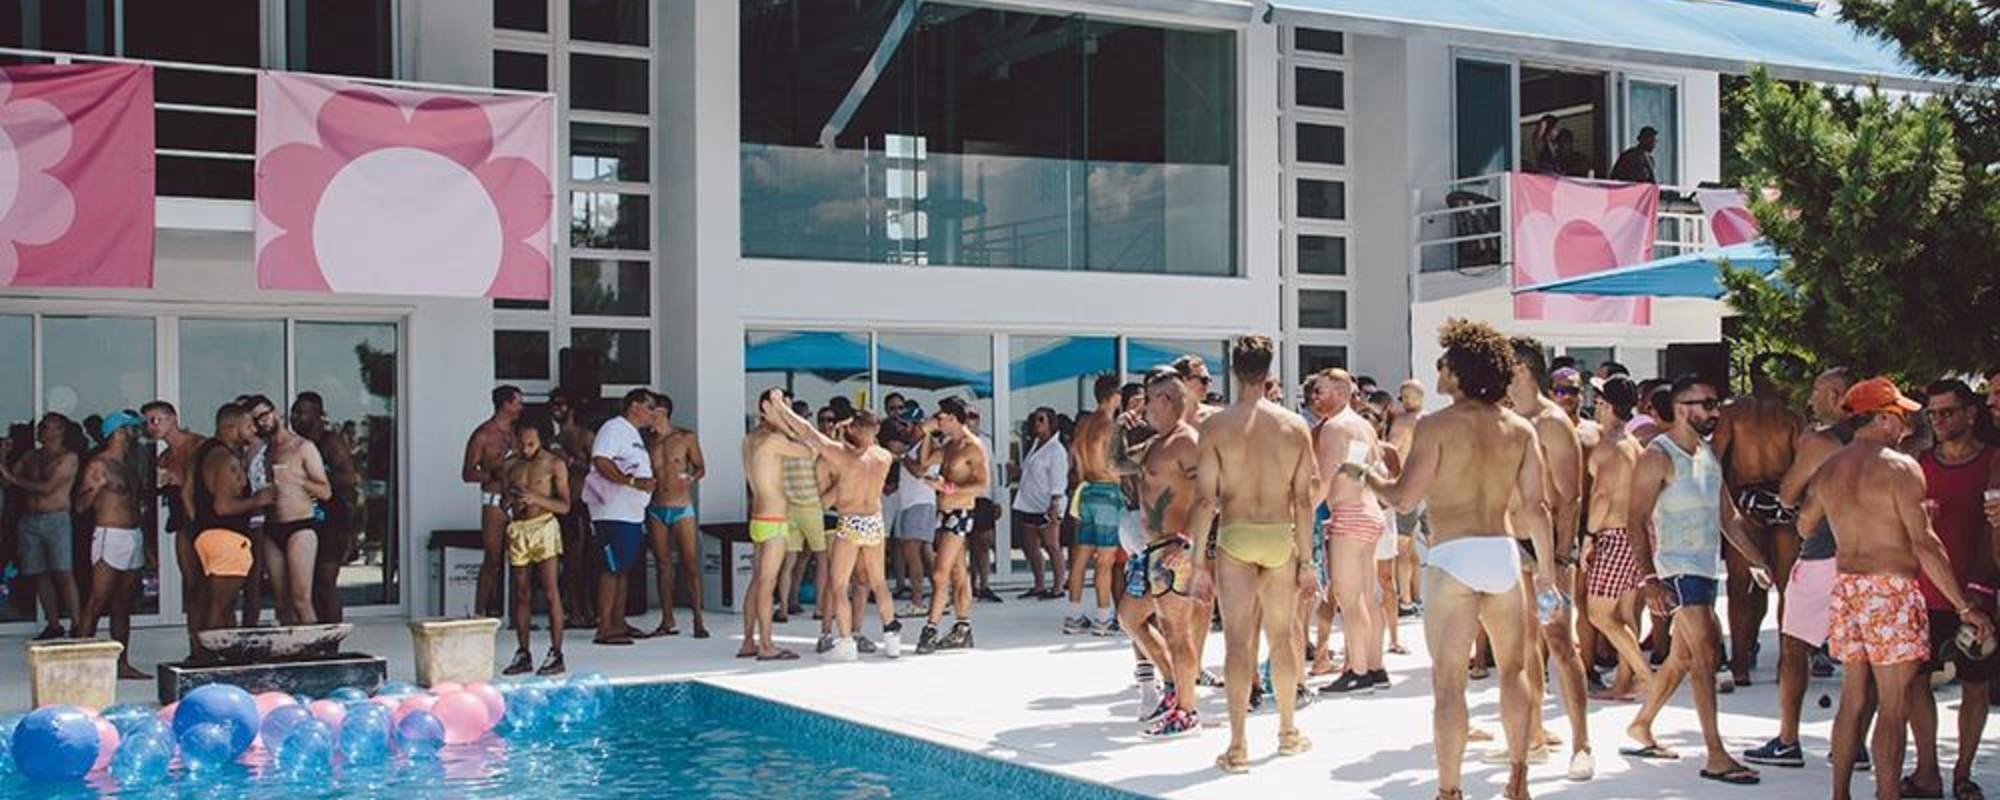 Fotografii cu magia petrecerii gay din Țara de Foc